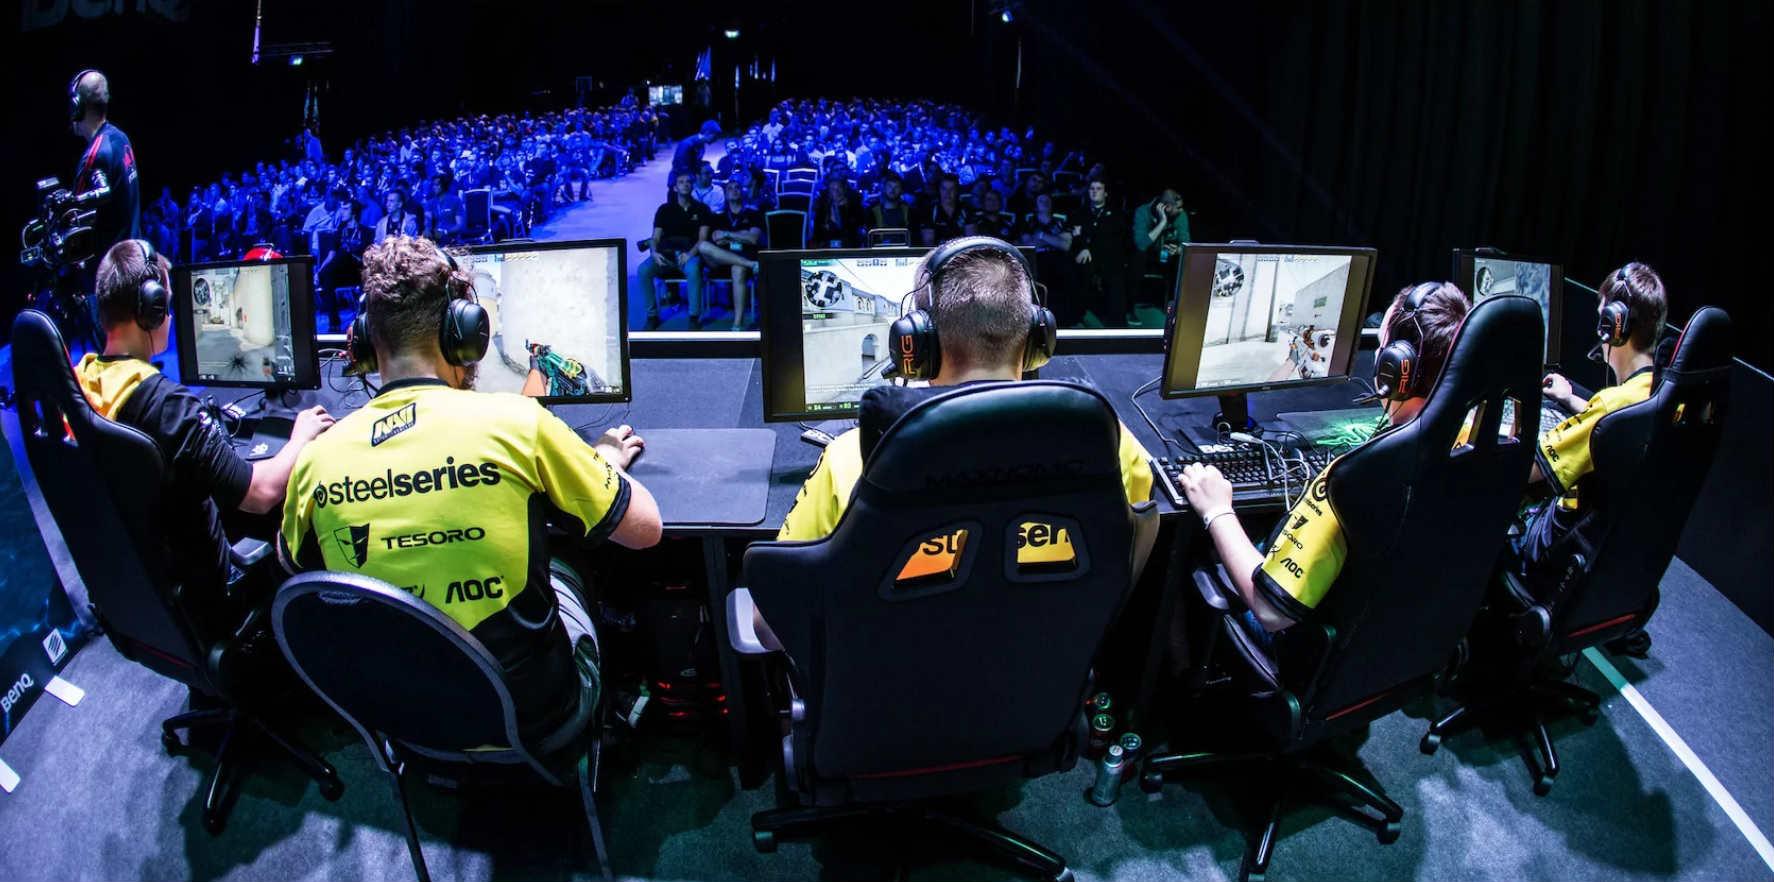 Сколько зарабатывают киберспортсмены CS:GO из России: в месяц и за турнир